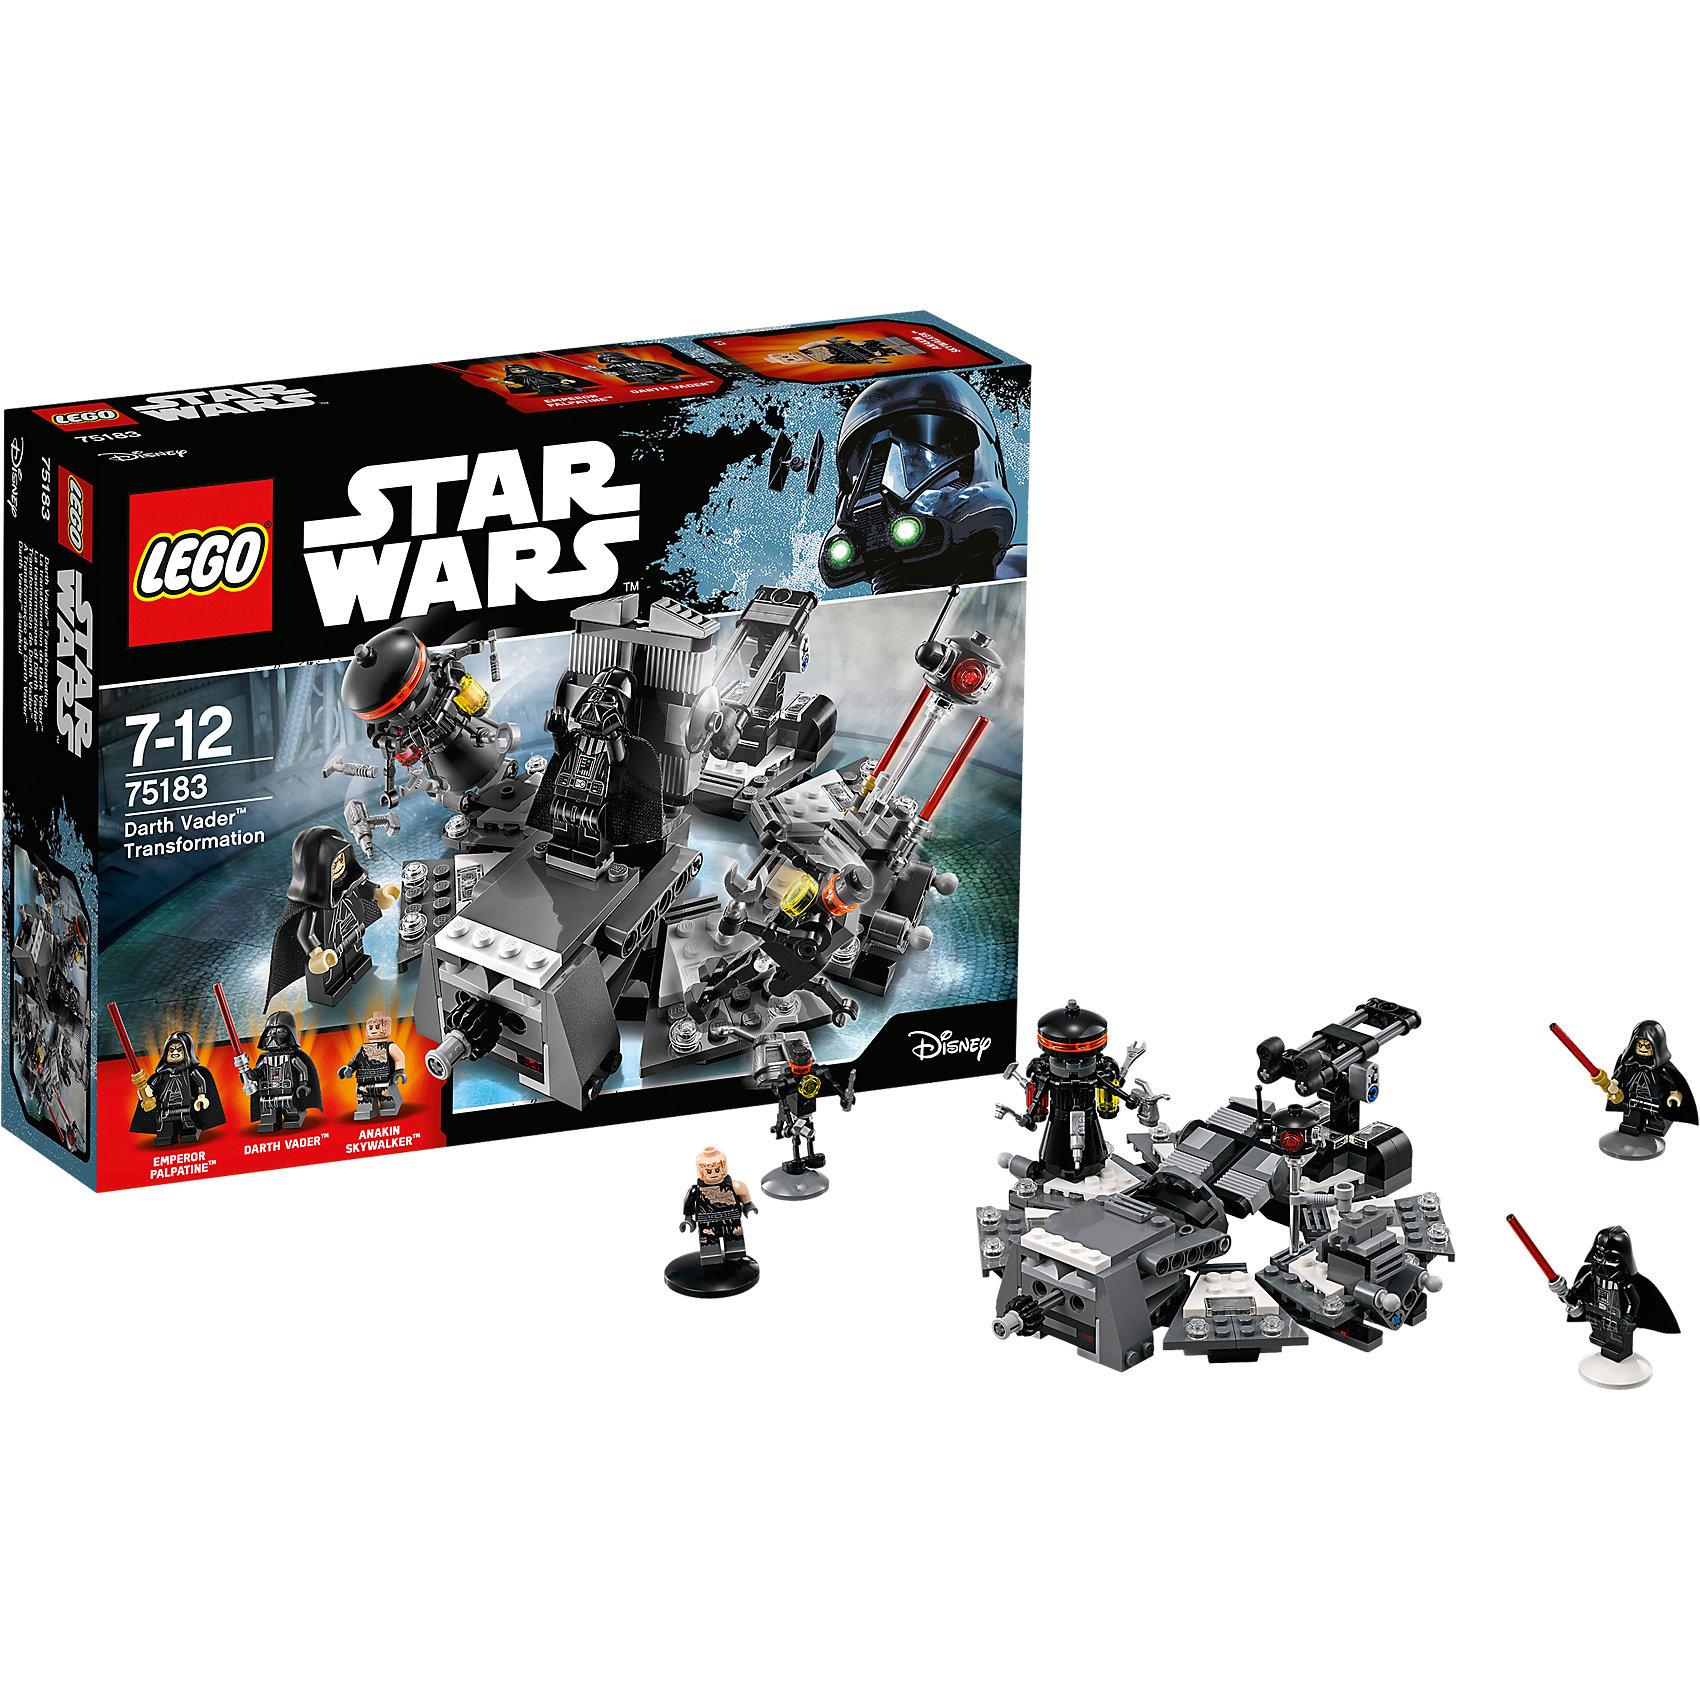 Конструктор Lego Star Wars 75183: Превращение в Дарта ВейдераПластмассовые конструкторы<br>Характеристики товара:<br><br>• возраст: от 7 лет;<br>• материал: пластик;<br>• в комплекте: 282 детали;<br>• количество минифигурок: 3 + фигурка дроида;<br>• размер упаковки: 26,2х19,1х6,1 см;<br>• вес упаковки: 365 гр.;<br>• страна производитель: Чехия.<br><br>Конструктор Lego Star Wars «Превращение в Дарта Вейдера» создан по мотивам известной космической саги «Звездные войны». Дарт Вейдер — один из самых известных персонажей саги, главный злодей. Под его маской скрыт некогда бывший джедаем Энакин Скайуокер. Раненный в бою, он превратился в Дарта Вейдера при помощи Императора Палпатина, который поставил ему протезы и сделал маску, через которую он дышит.<br><br>Из элементов конструктора предстоит собрать 4 фигурки персонажей и центр хирургии, где произошло превращение Энакина в Дарта Вейдера. Все детали выполнены из качественных безопасных материалов. В процессе сборки конструктора у детей развиваются мелкая моторика рук, усидчивость, логическое мышление.<br><br>Конструктор Lego Star Wars «Превращение в Дарта Вейдера» можно приобрести в нашем интернет-магазине.<br><br>Ширина мм: 262<br>Глубина мм: 192<br>Высота мм: 66<br>Вес г: 366<br>Возраст от месяцев: 84<br>Возраст до месяцев: 2147483647<br>Пол: Мужской<br>Возраст: Детский<br>SKU: 5619982